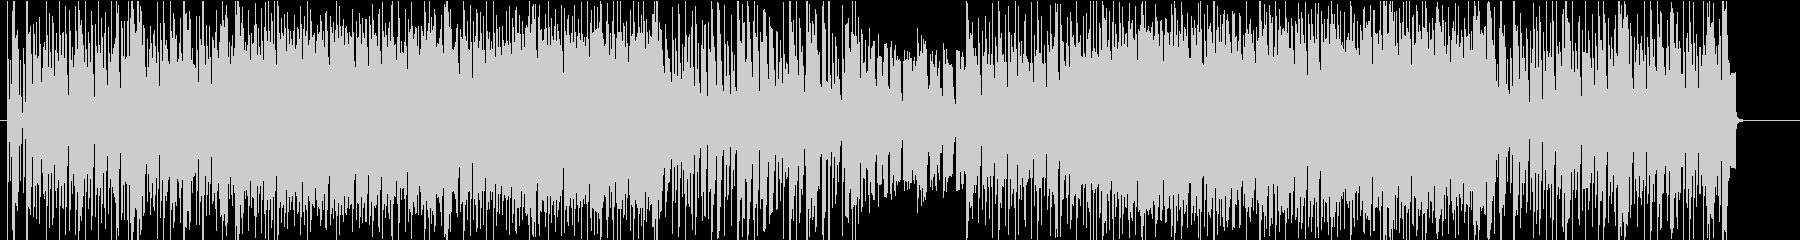 声ネタのサンプル臭がすごいする変わった曲の未再生の波形